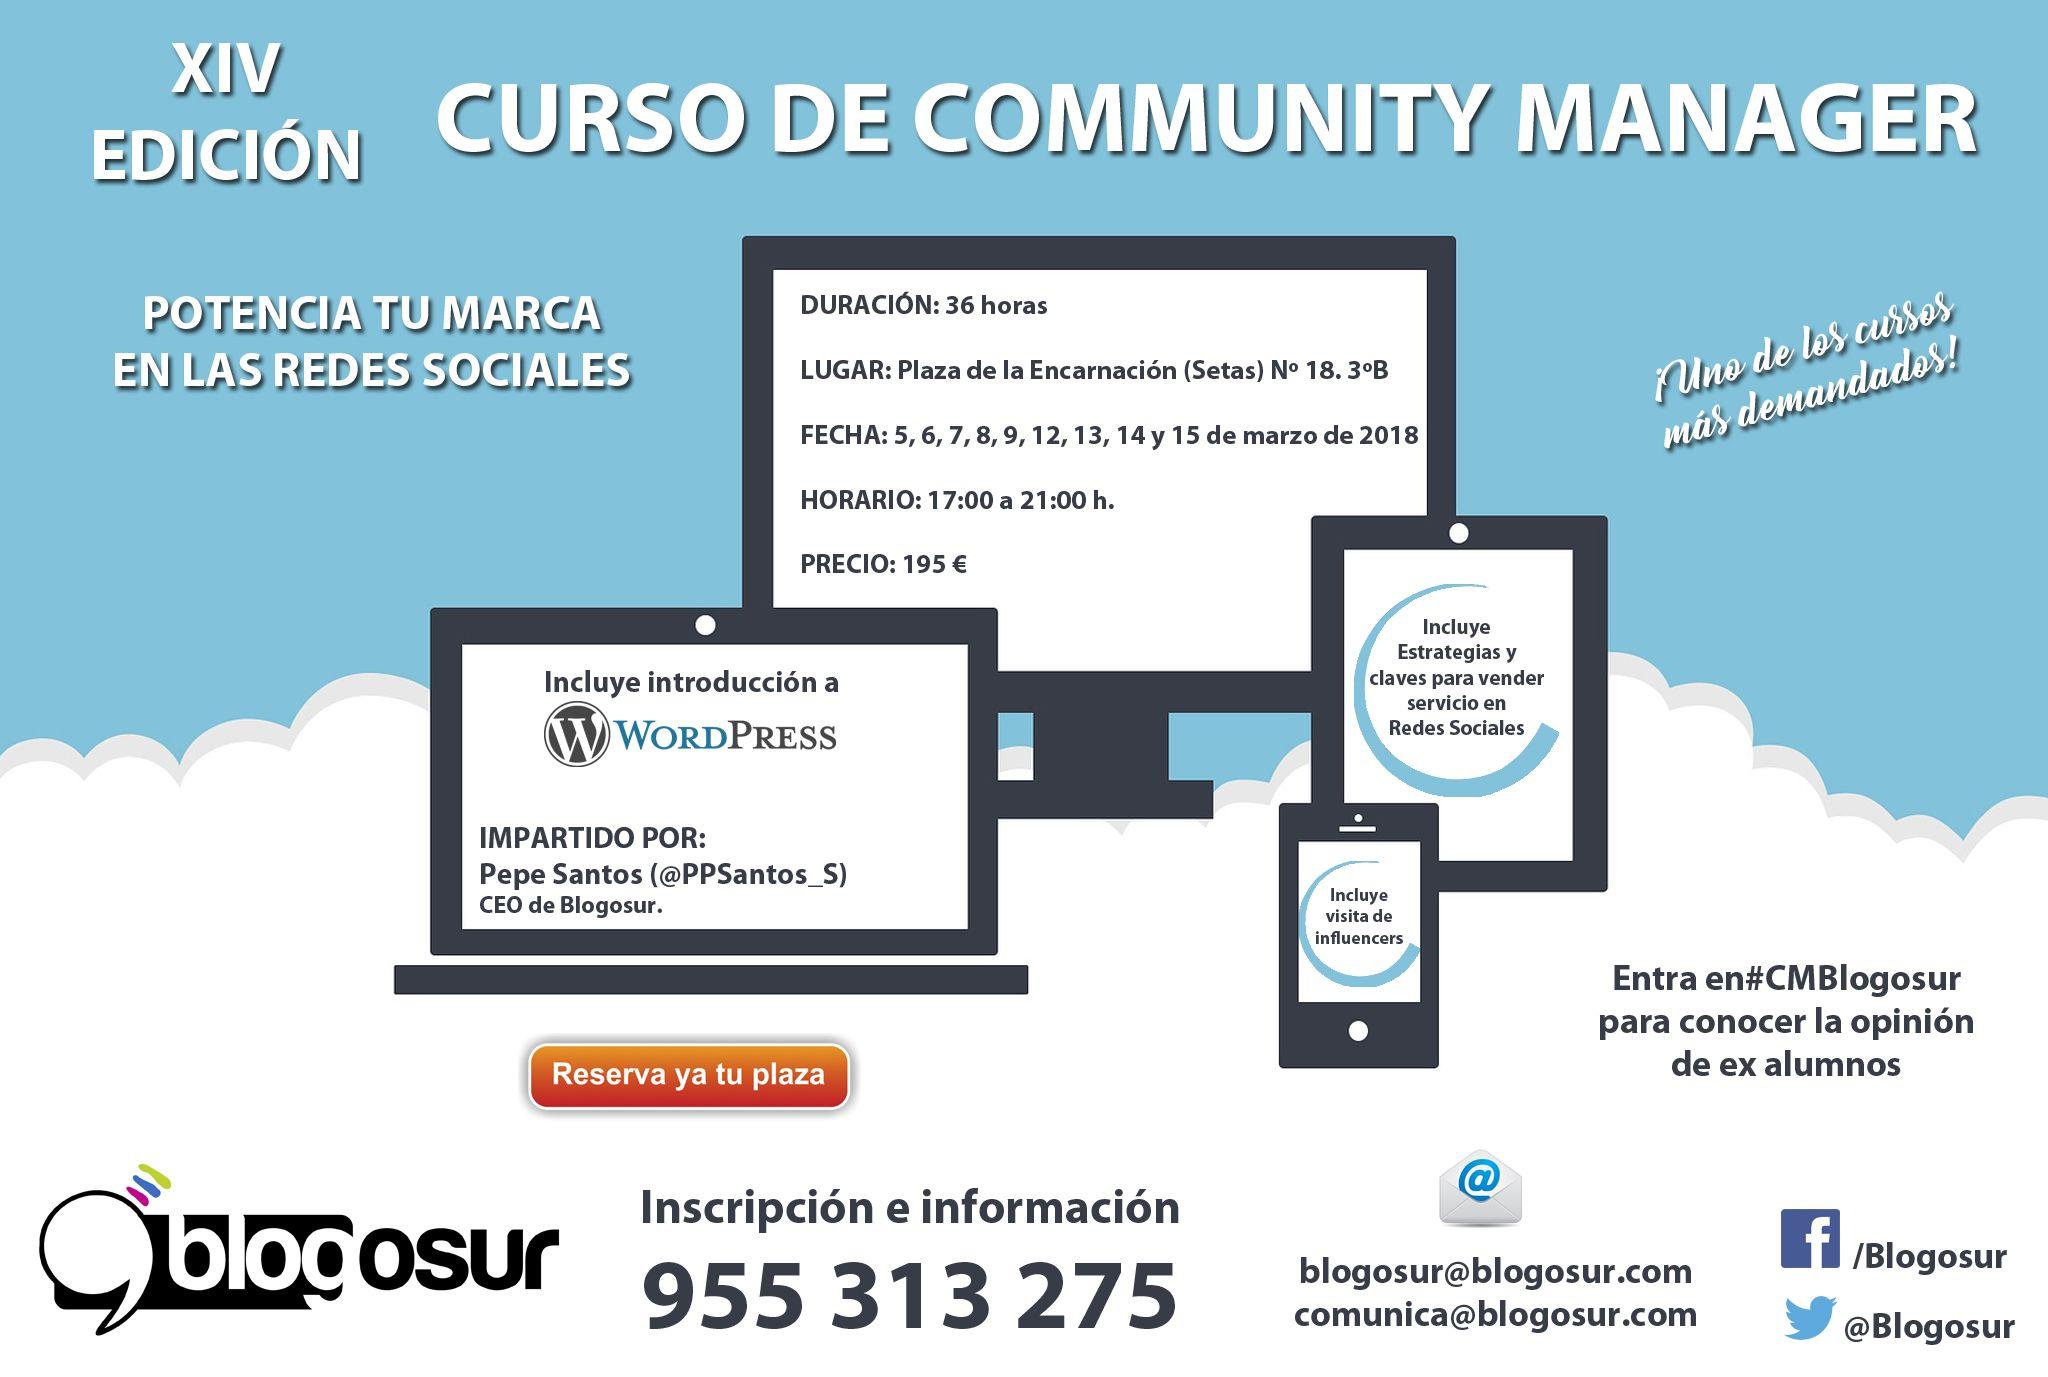 curso community anager marzo 2018 en andalucía